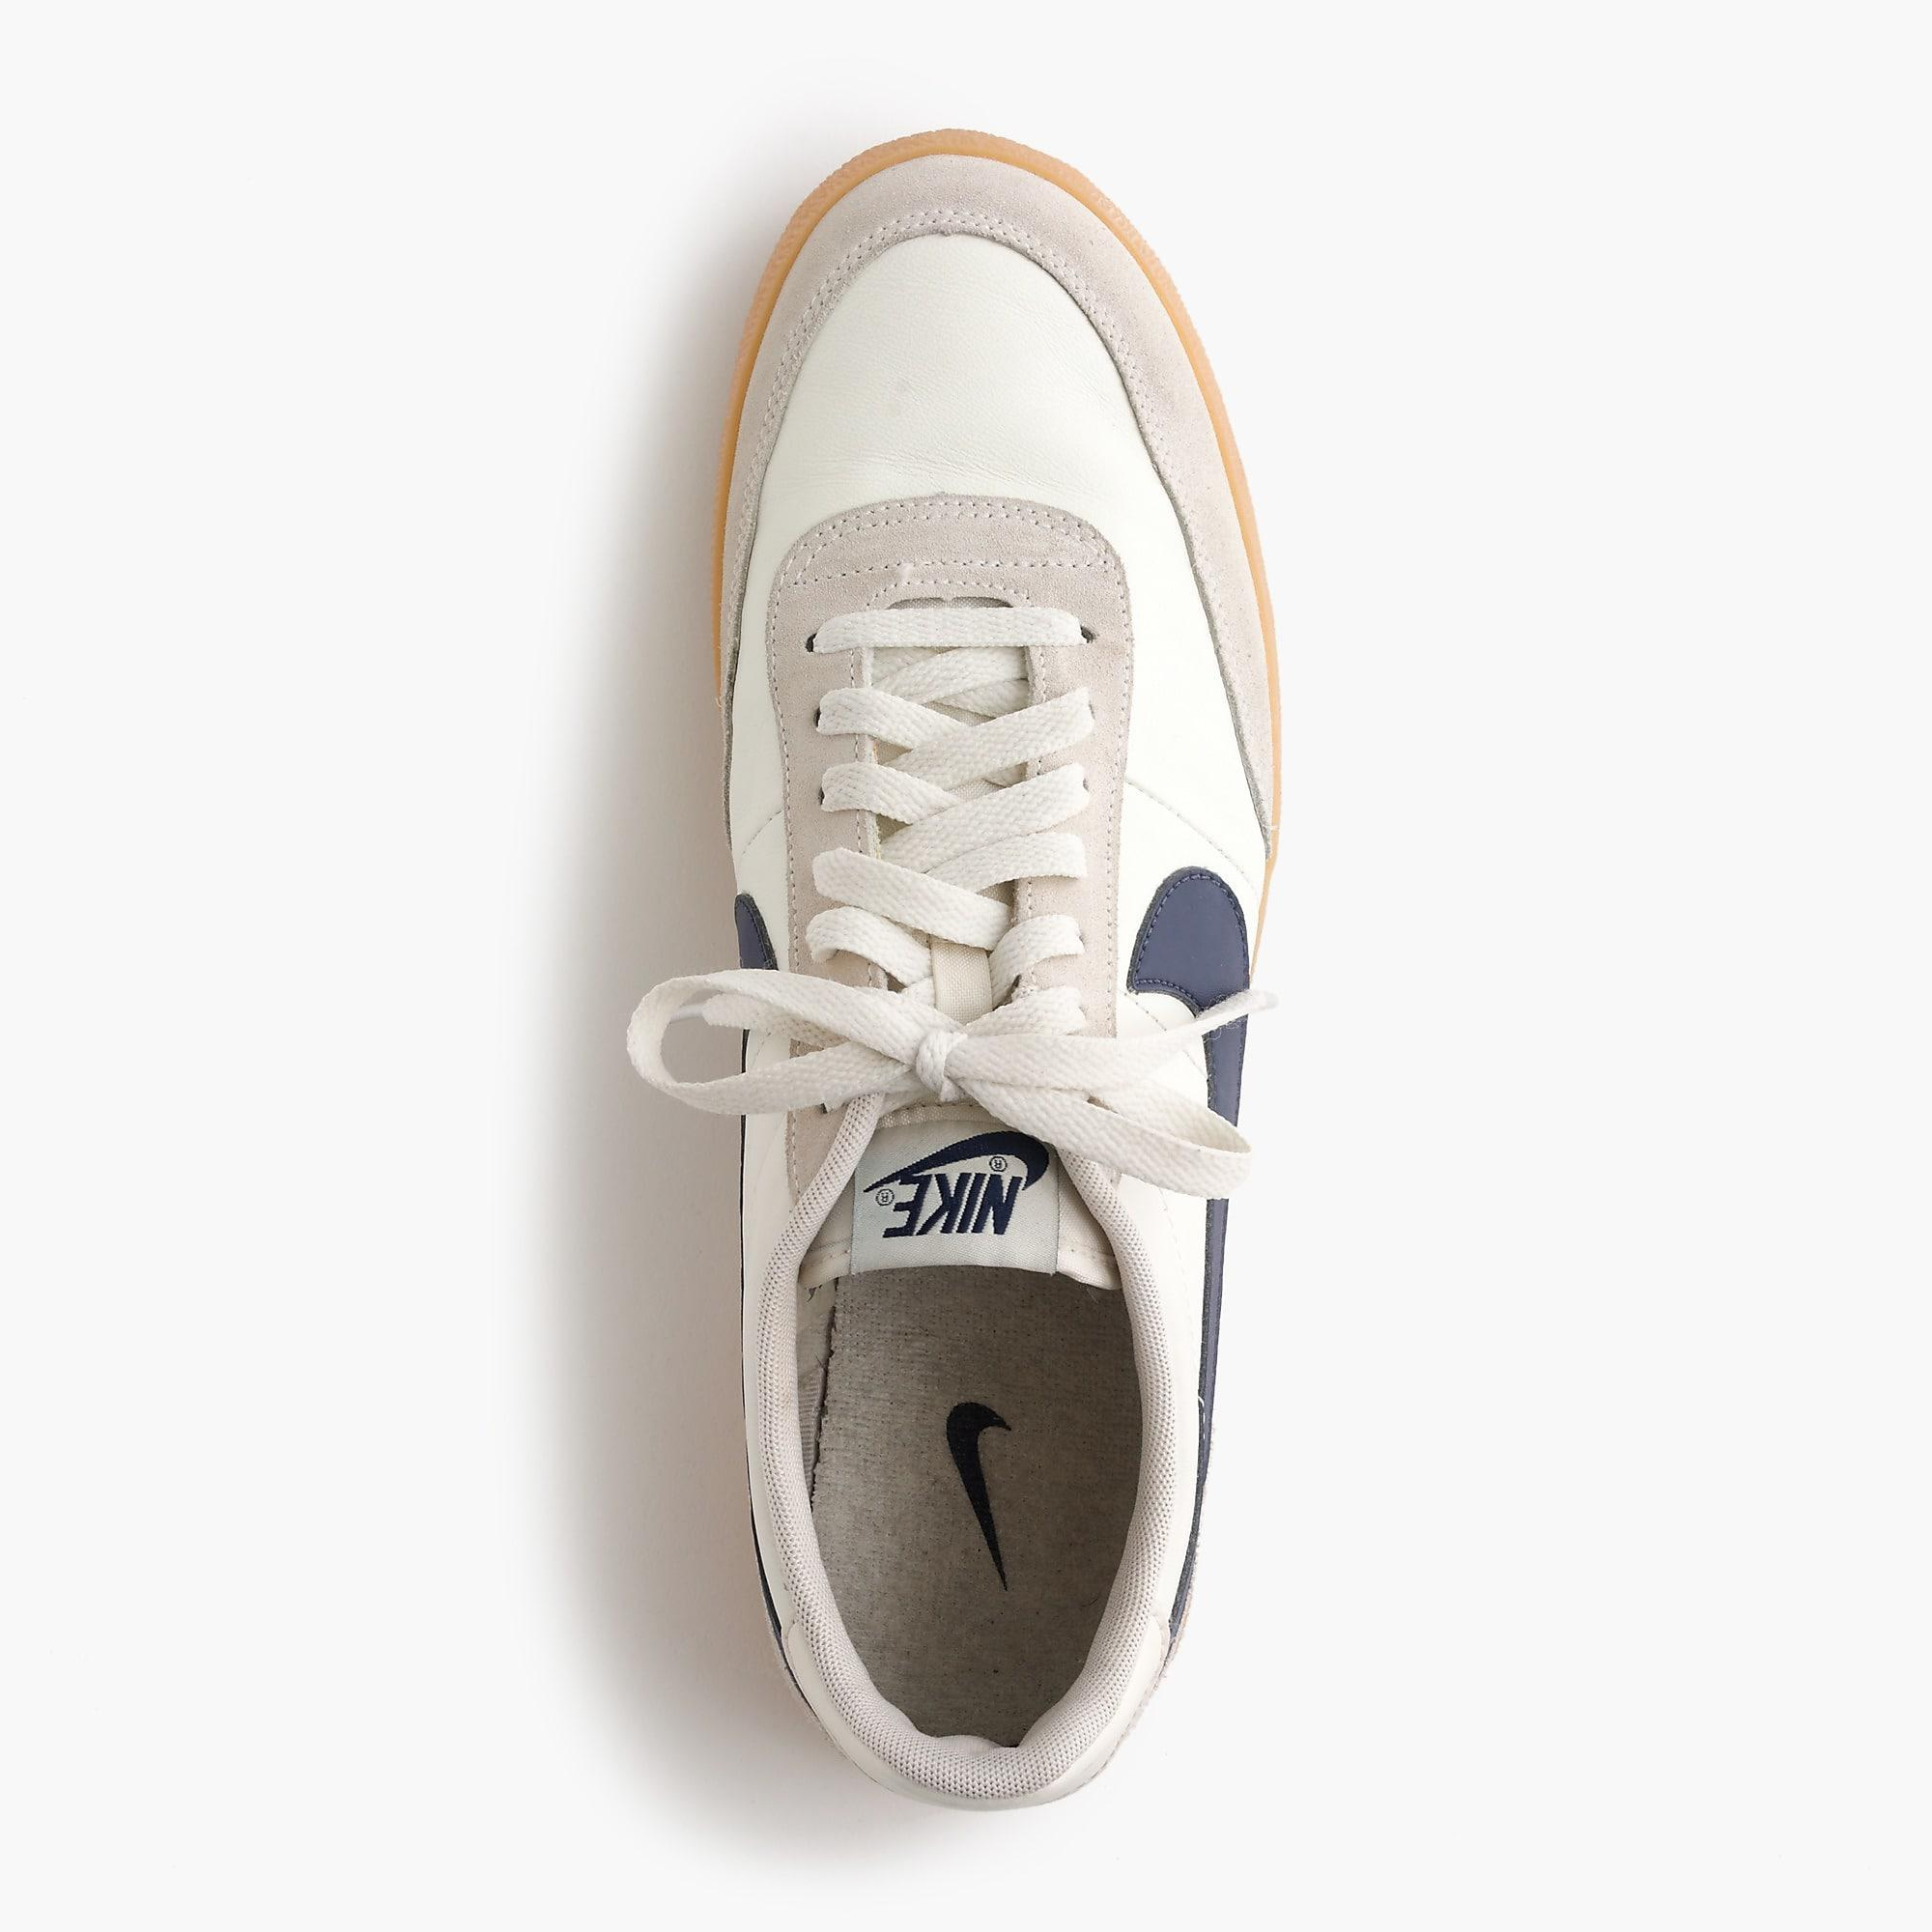 Lyst - Nike Killshot 2 Sneakers in White for Men c5573ebfb